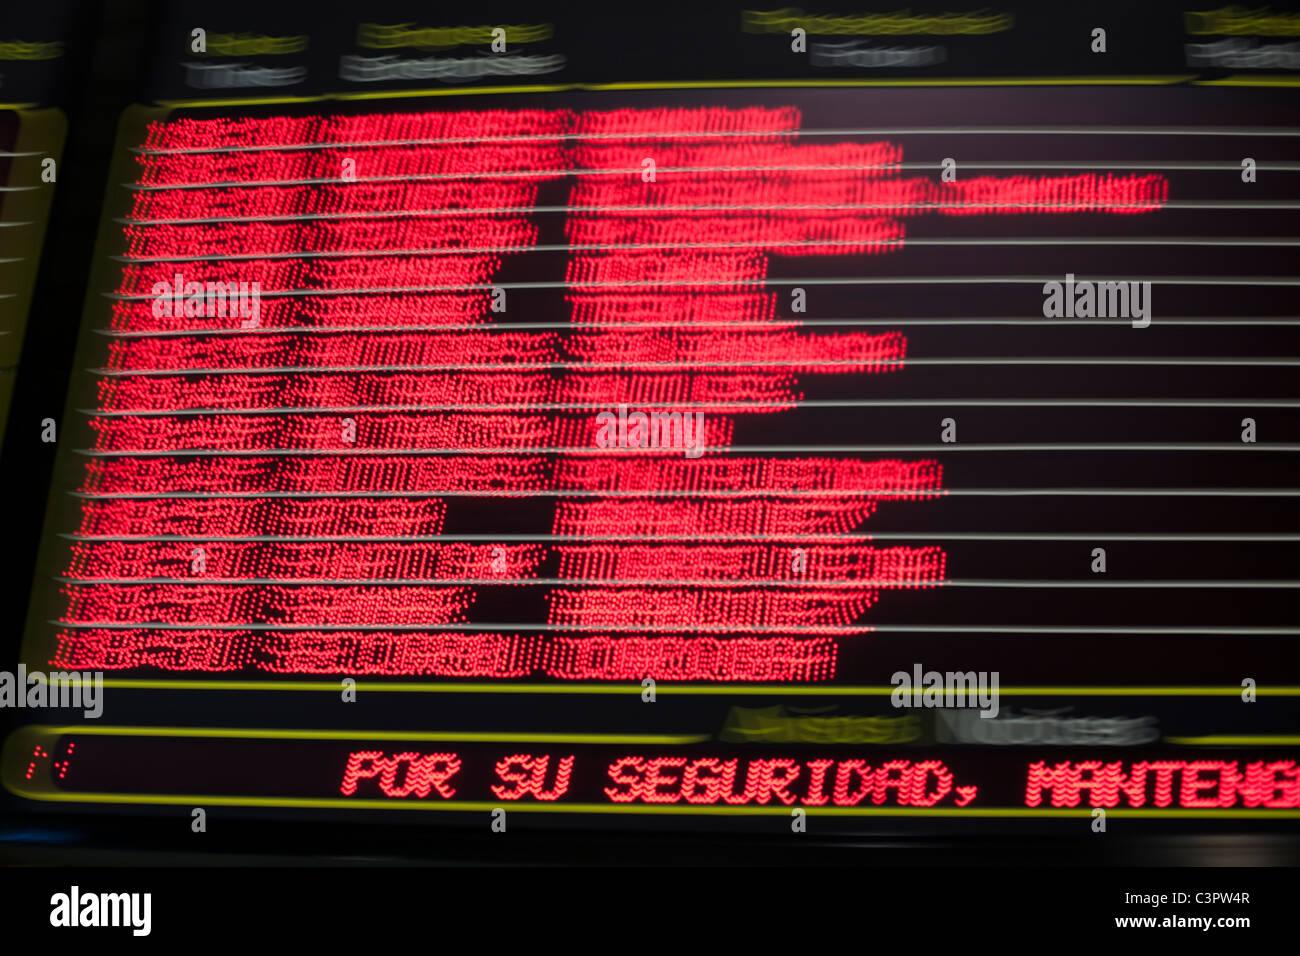 Travel information signal at Estacion Sur de Autobuses, Madrid, Spain. - Stock Image